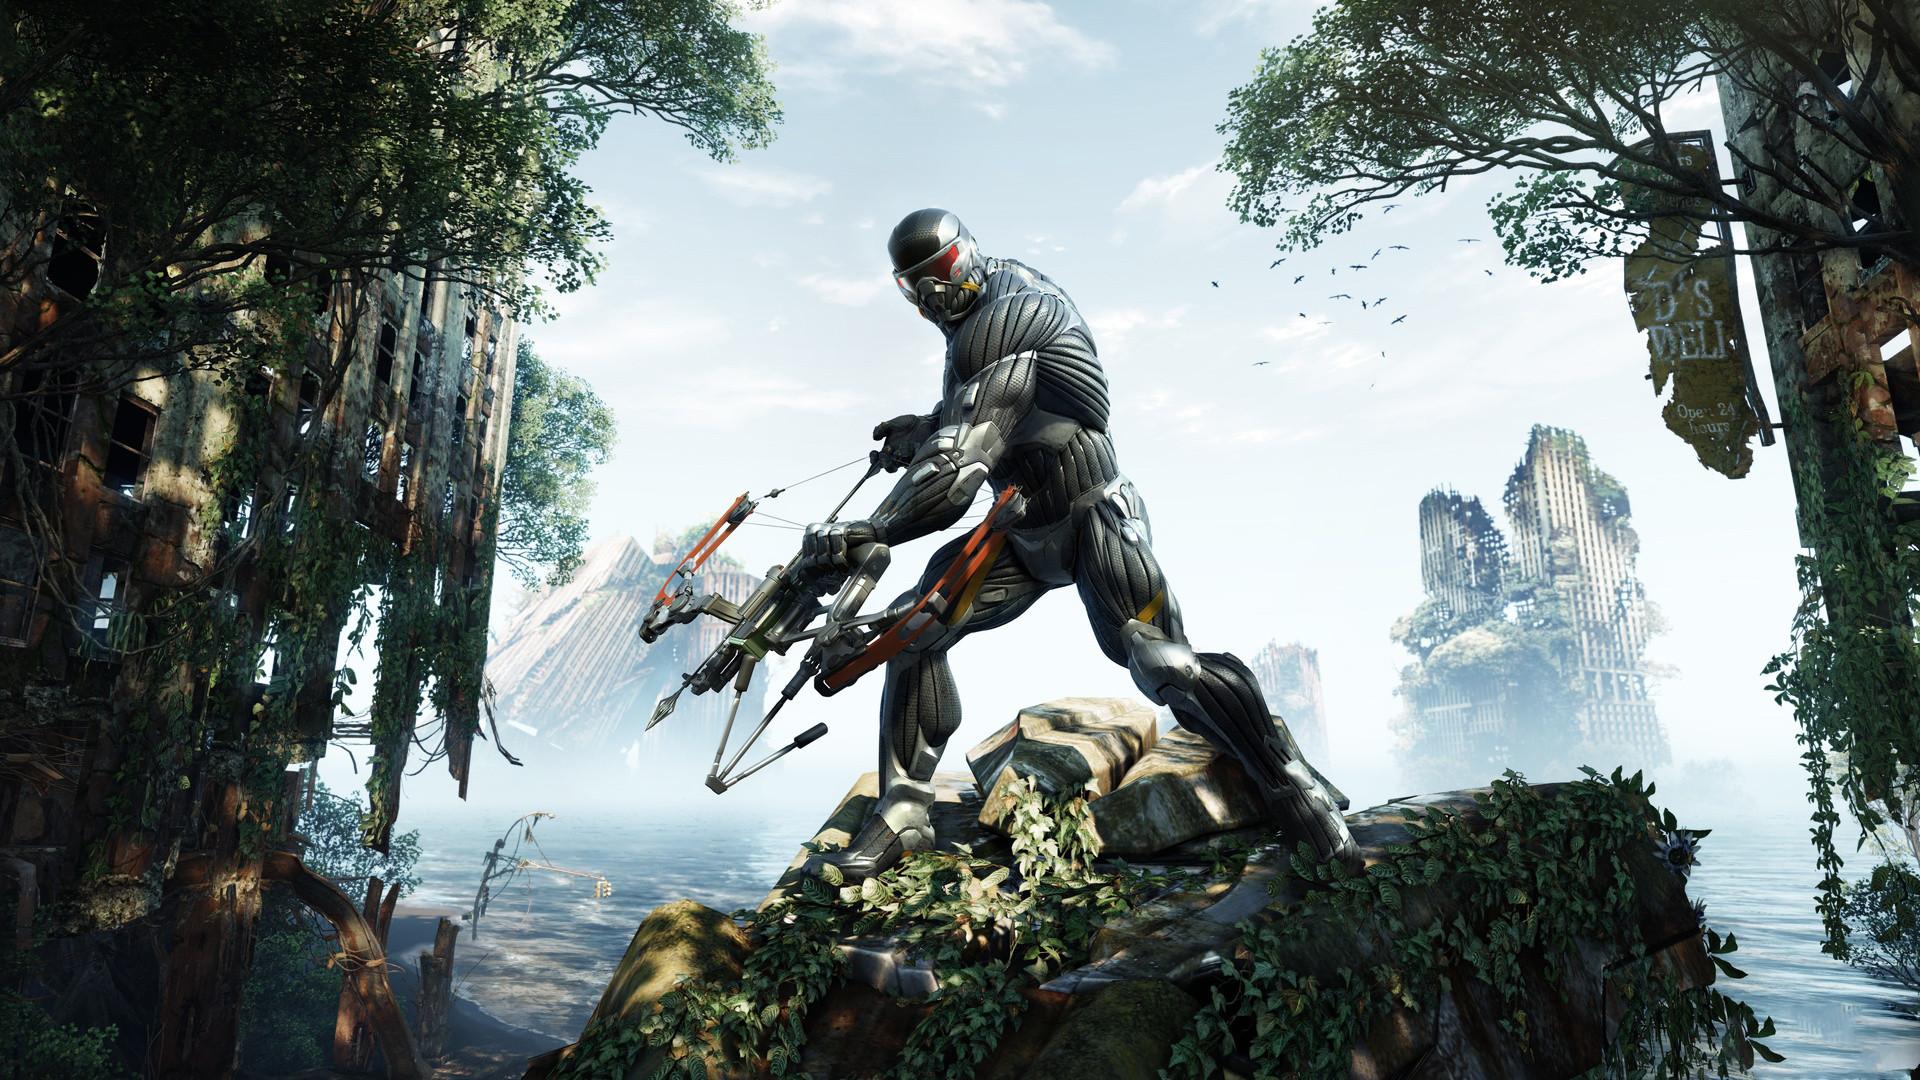 Más detalles del modo multijugador de Crysis 3 [Vídeo]